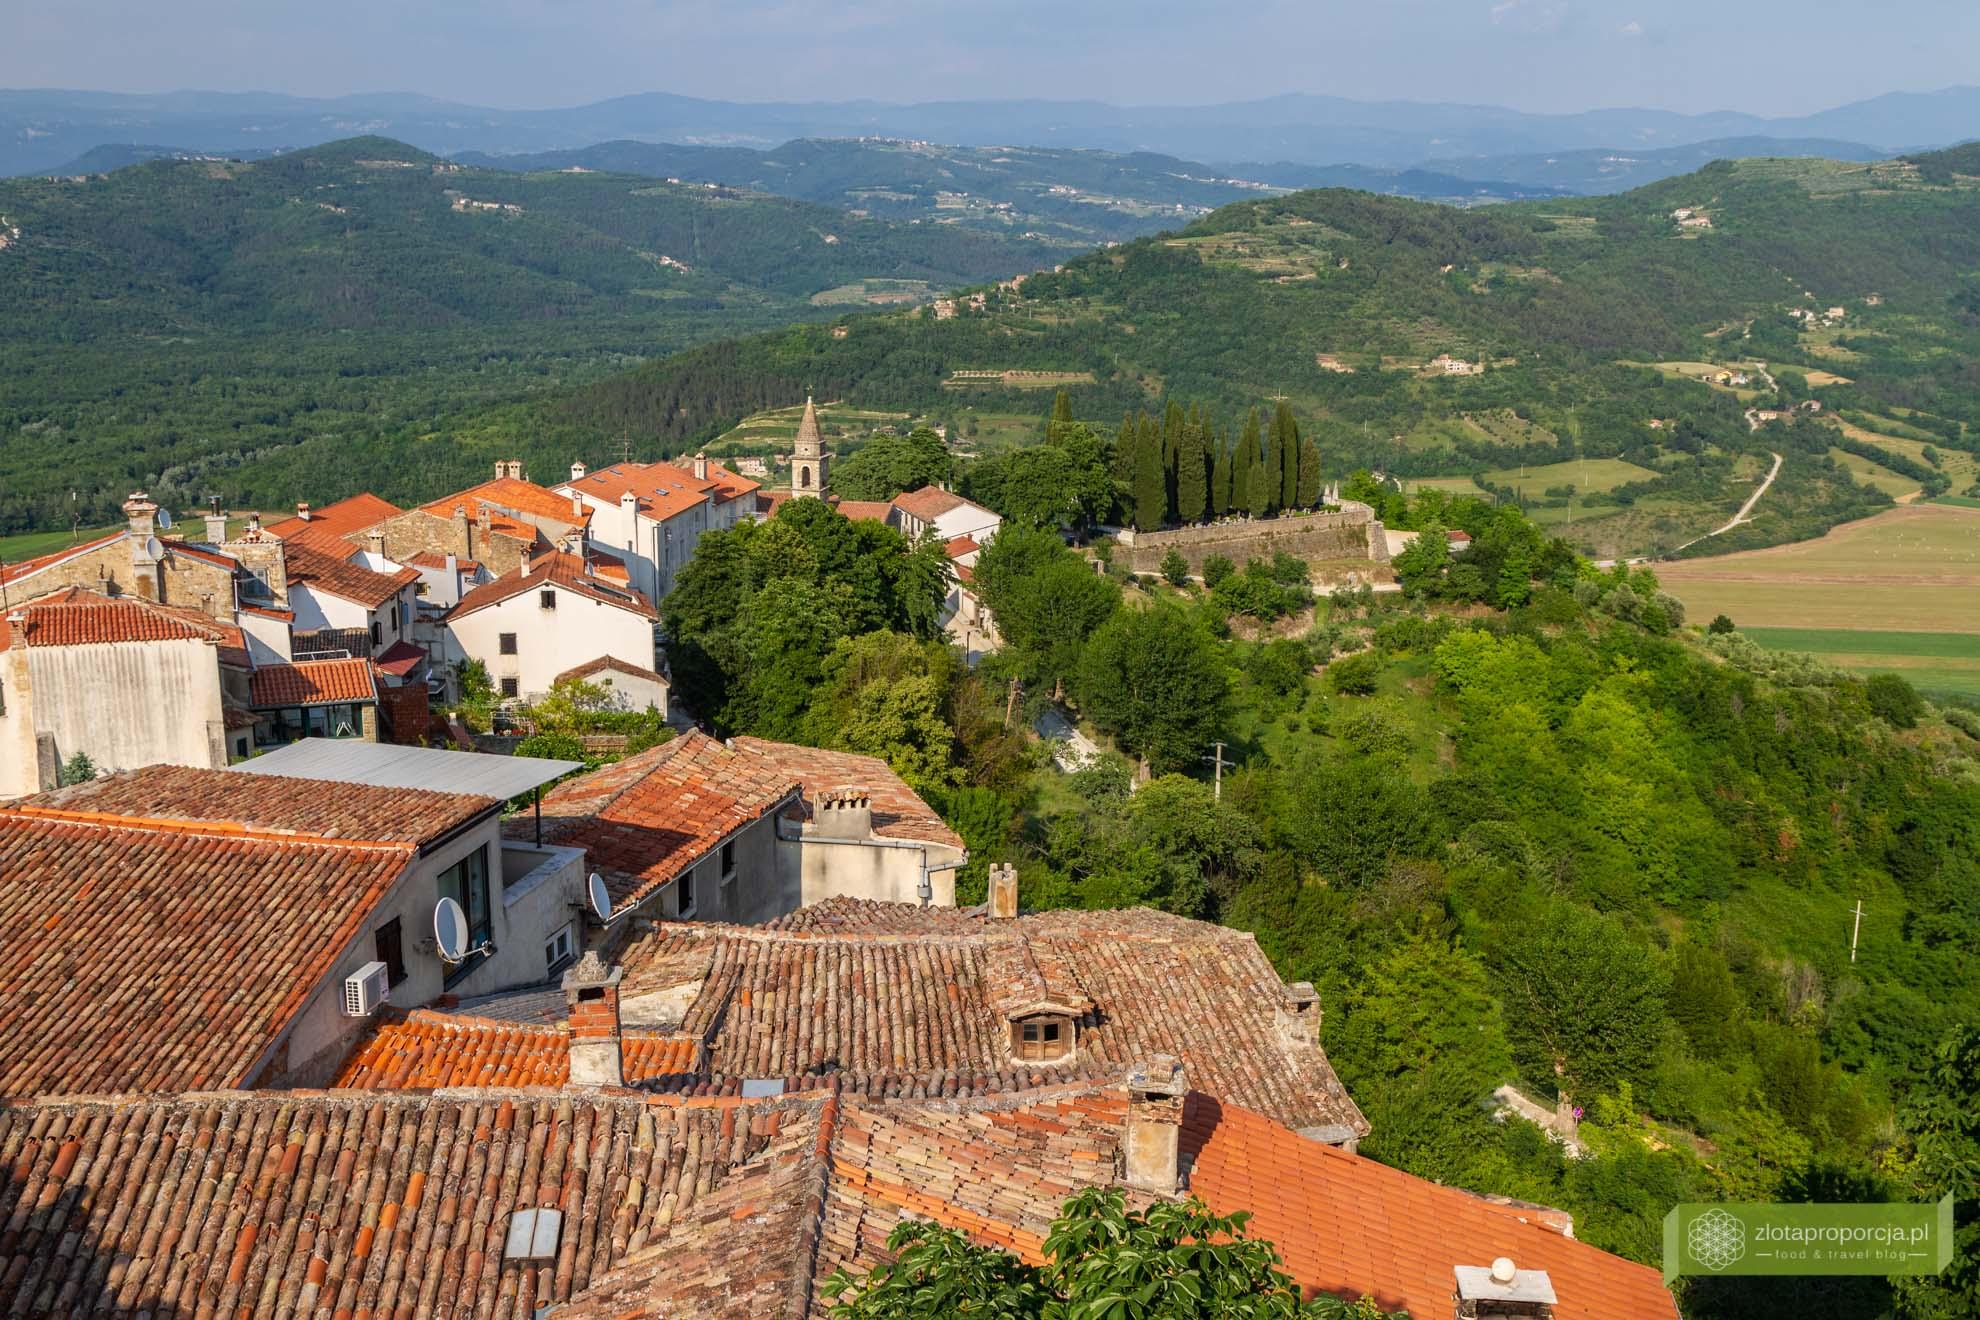 Motovun, Istria, Motovun zwiedzanie, Motovun trufle, trufle, miasto trufli, trufle Istria